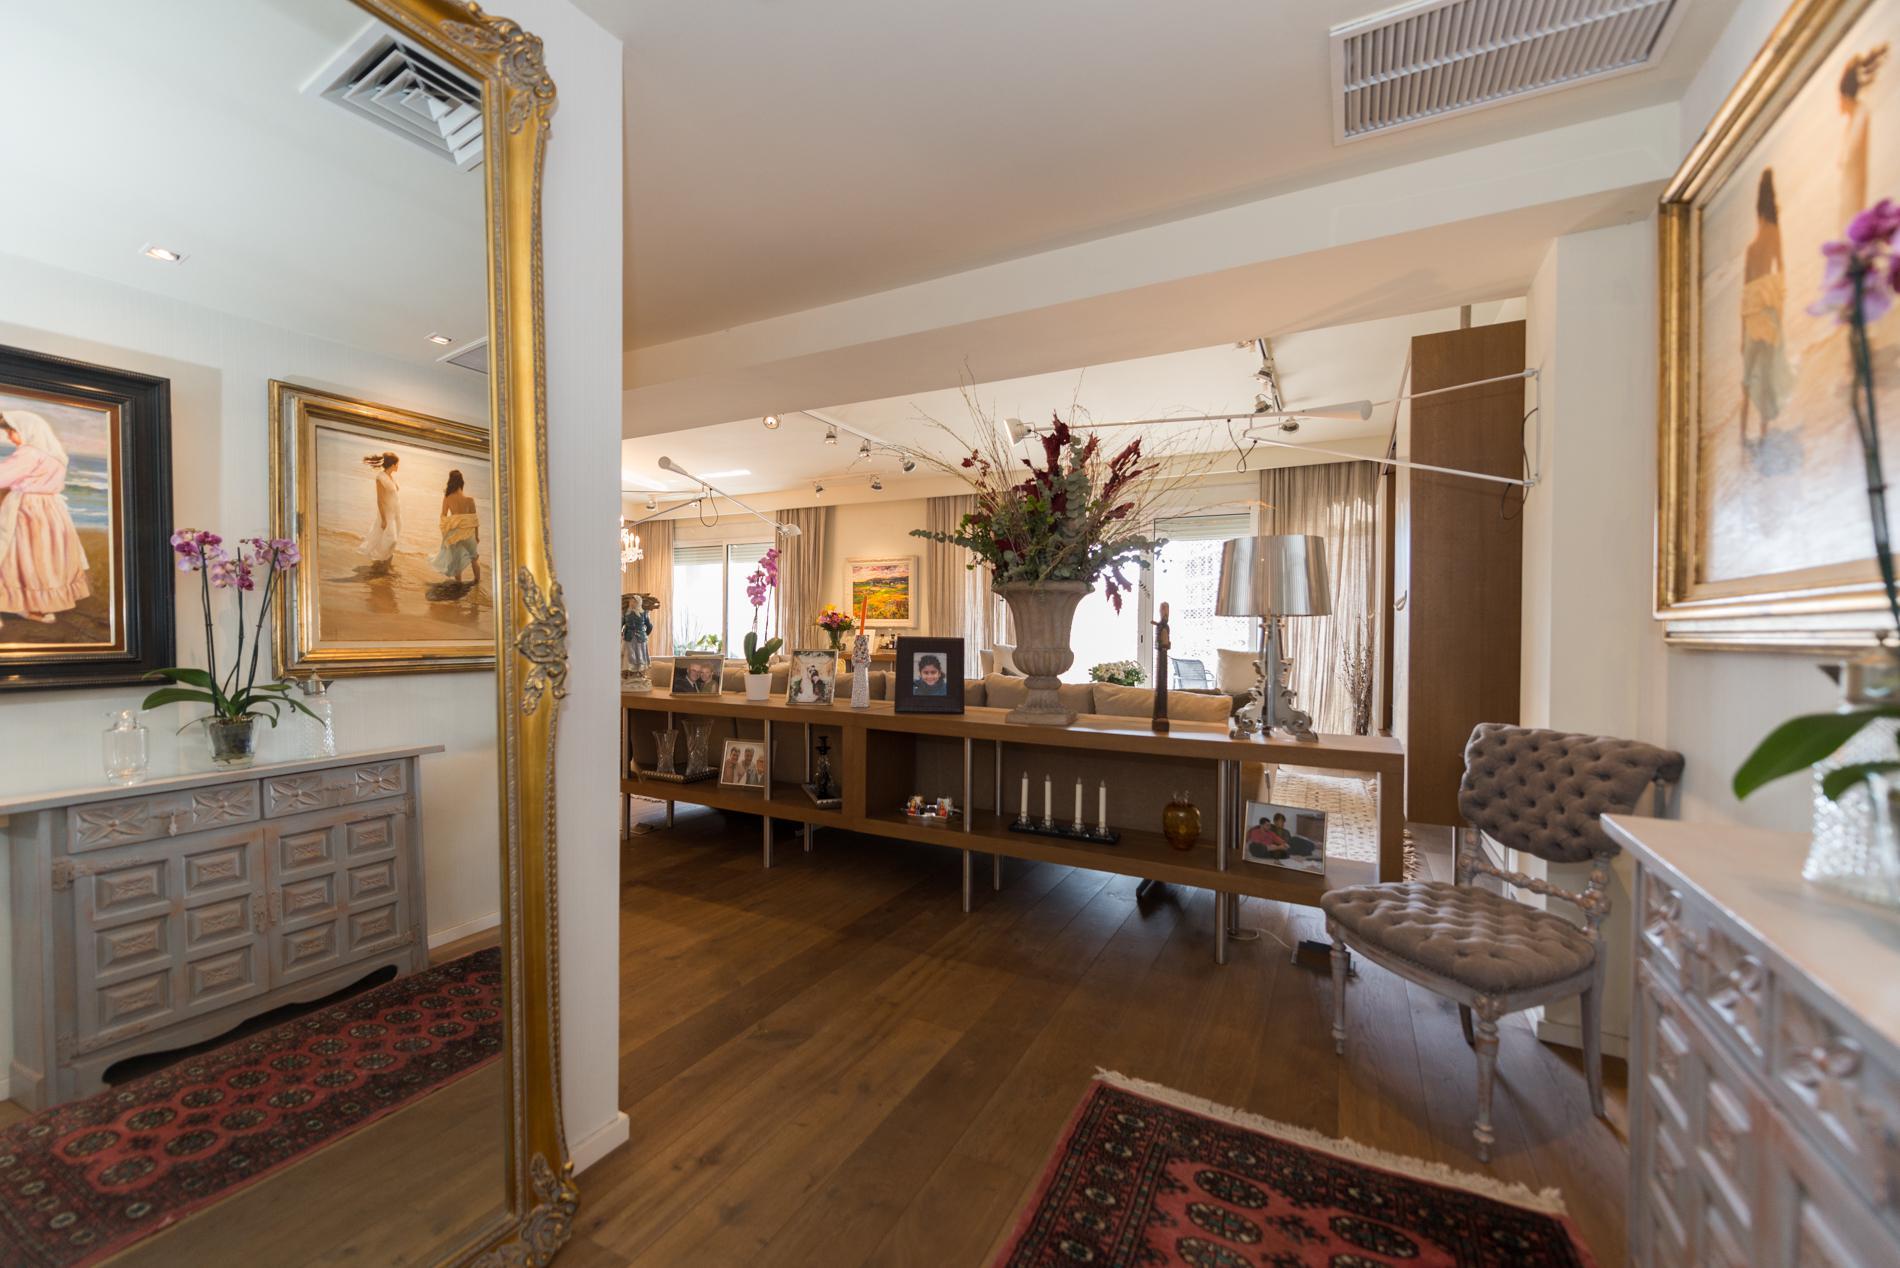 222426 Apartment for sale in Eixample, Dreta Eixample 30